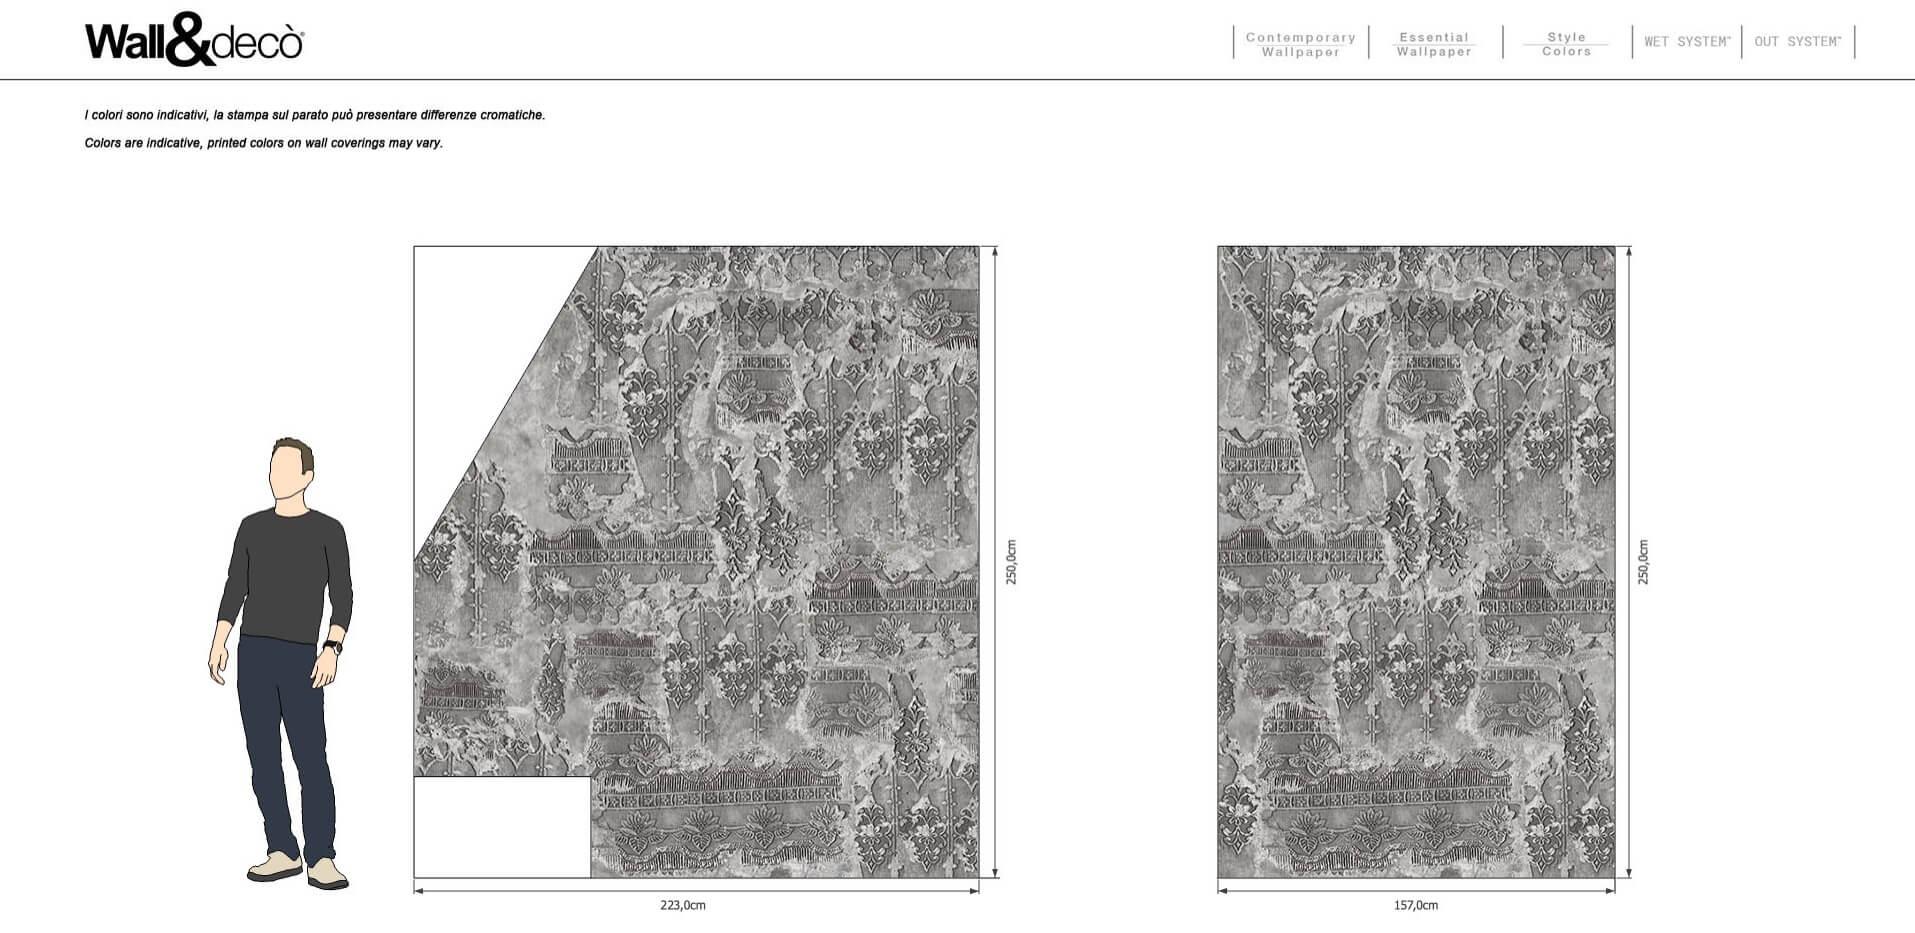 Es handelt sich um eine Tapete mit Patentanmeldung für Bad, Dusche und feuchte Räume, das die Imprägnierung der flüssigen Membranen mit der äußerst dekorativen Wirkung der Tapete Wall&decò kombiniert. WET SYSTEM™ eignet sich für Anwendungen auf Wandflächen aus Putz, Beton, Gipskarton, Glas und Keramikfliesen und ist beständig gegen.